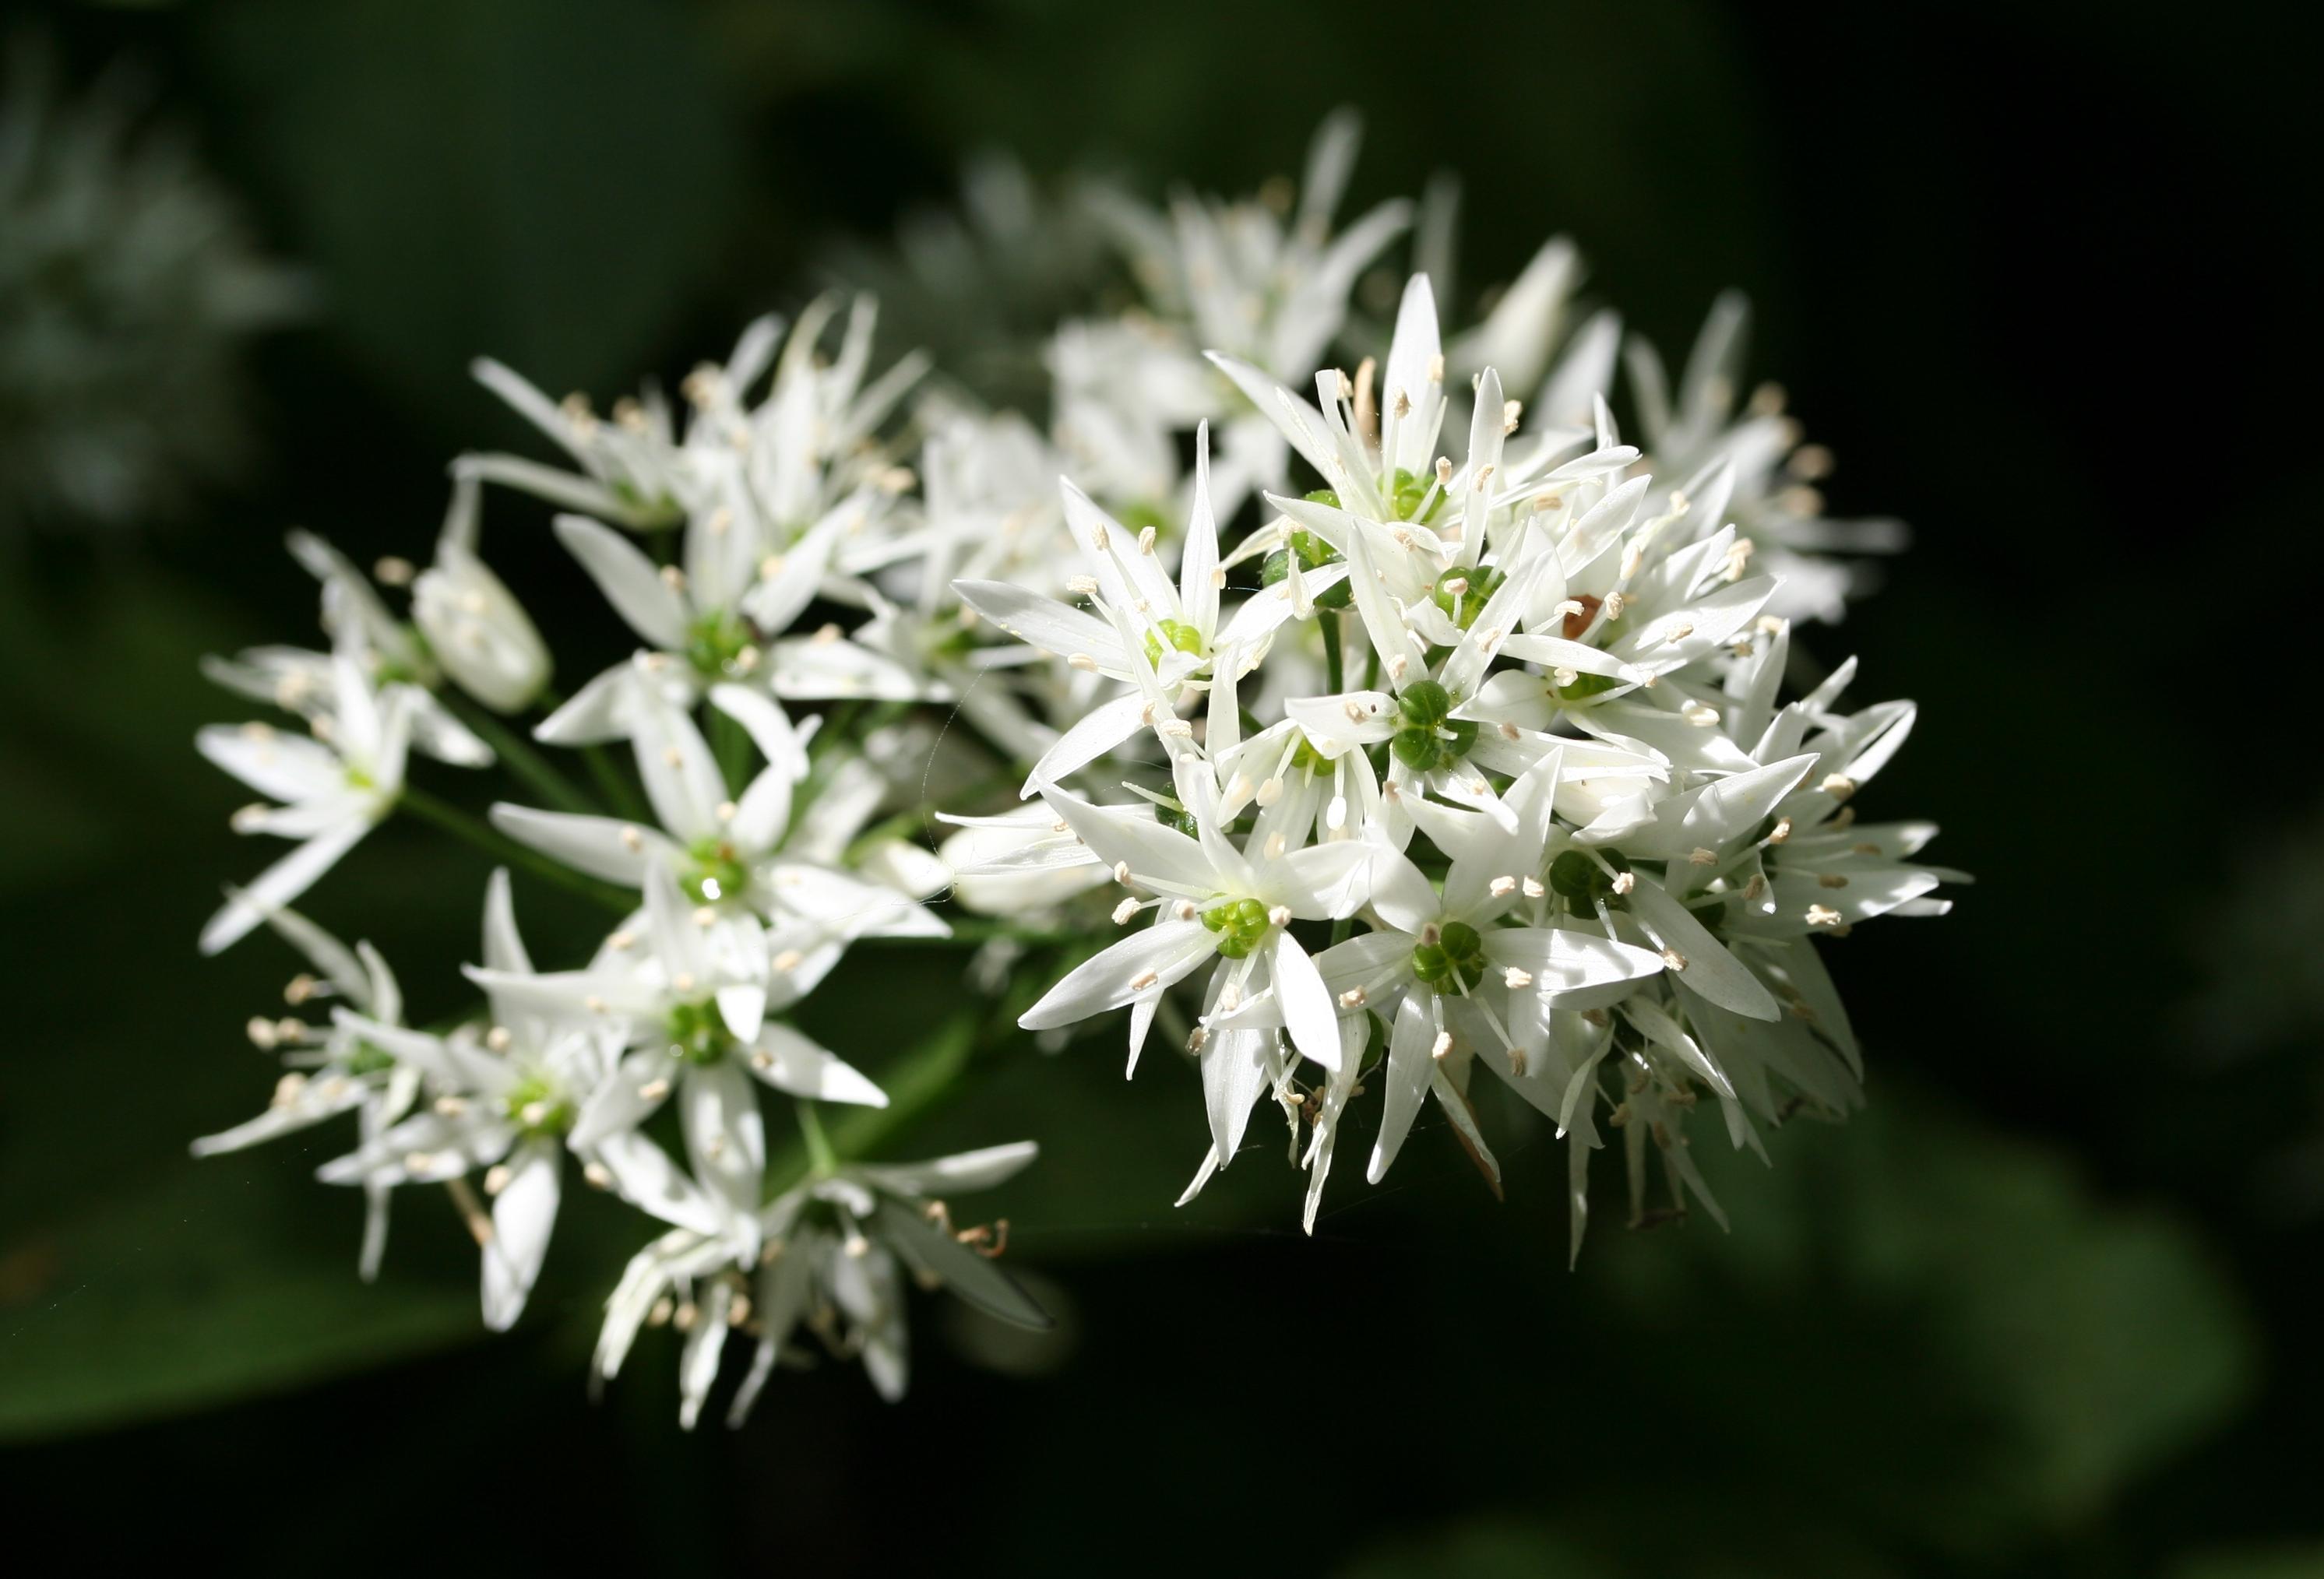 Allium_ursinum-01_%28xndr%29.jpg